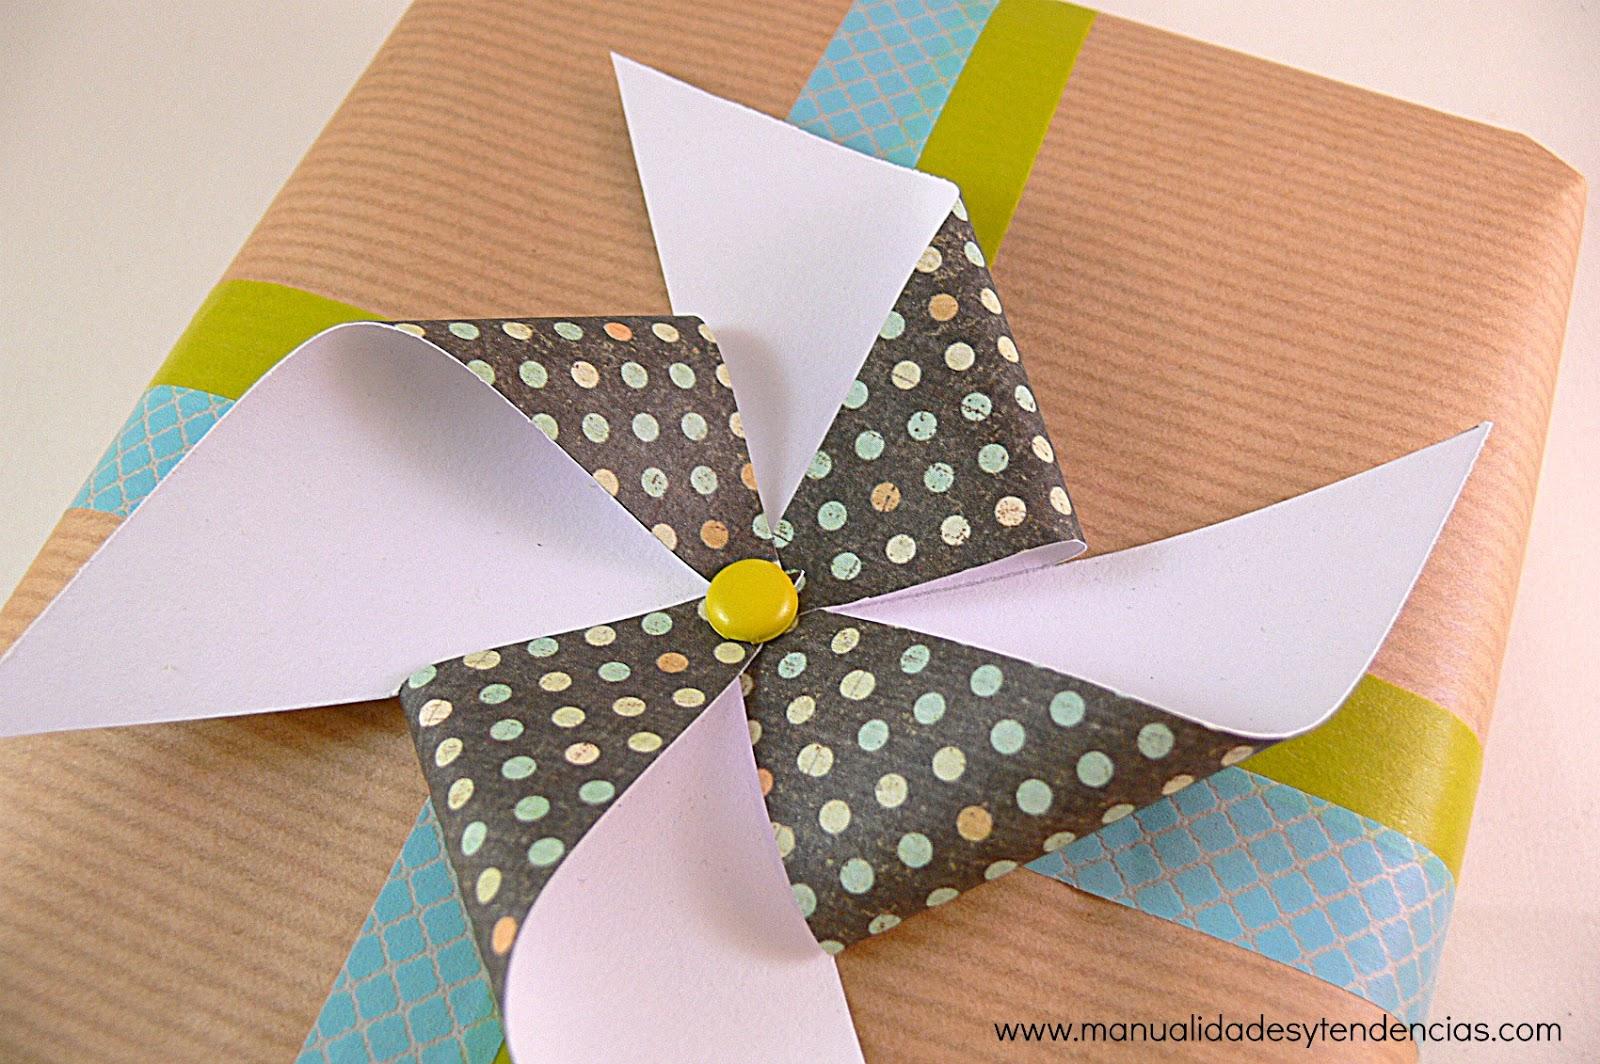 Manualidades y tendencias envoltorios de regalo - Paquetes originales para regalos ...